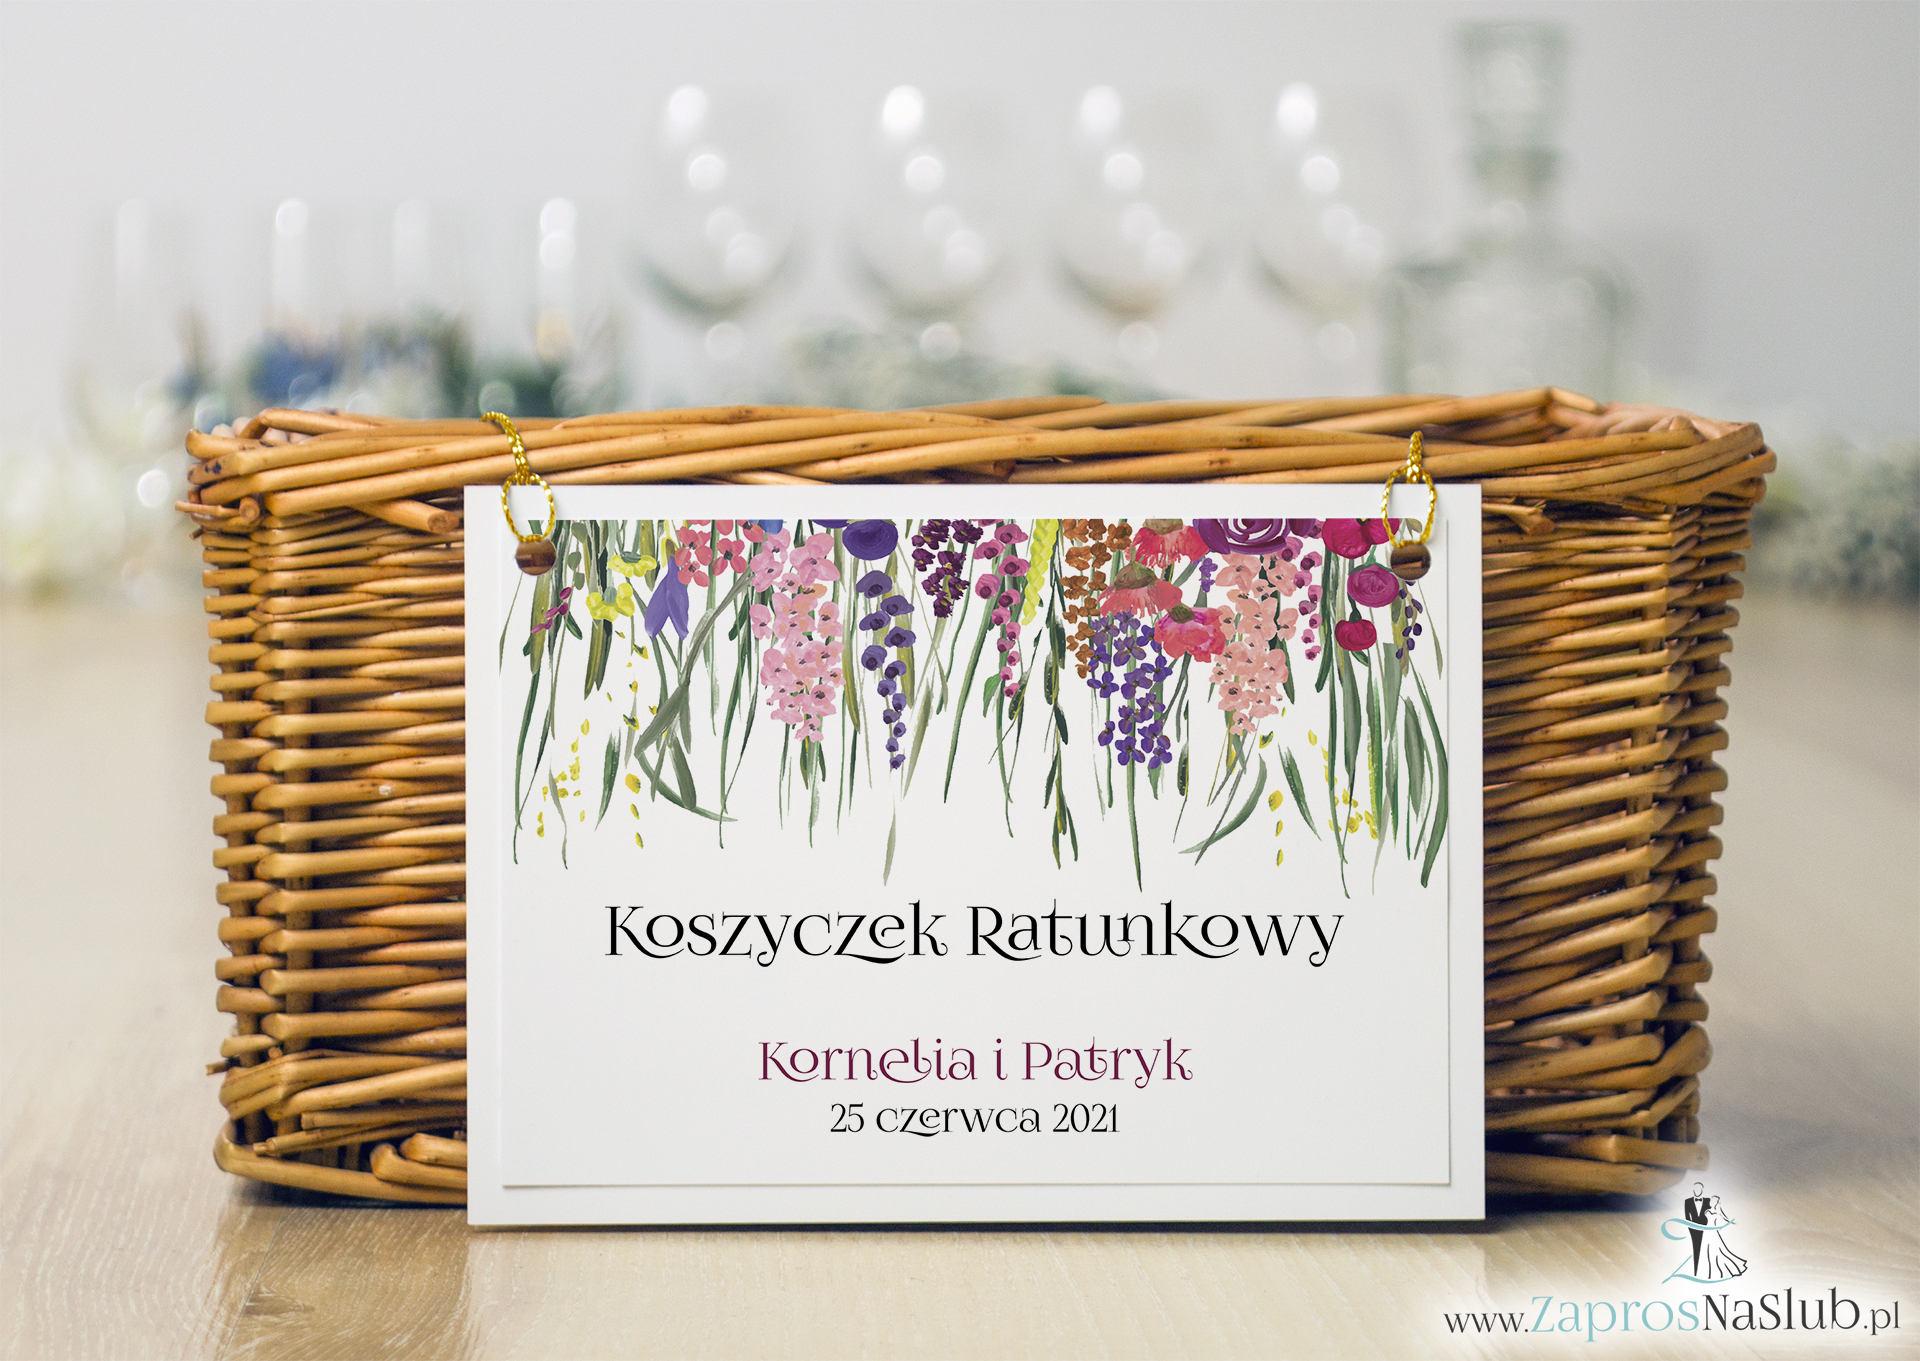 Koszyczek ratunkowy z kolorowymi polnymi kwiatami i zieloną trawą oraz złotym sznurkiem. KOS-10001